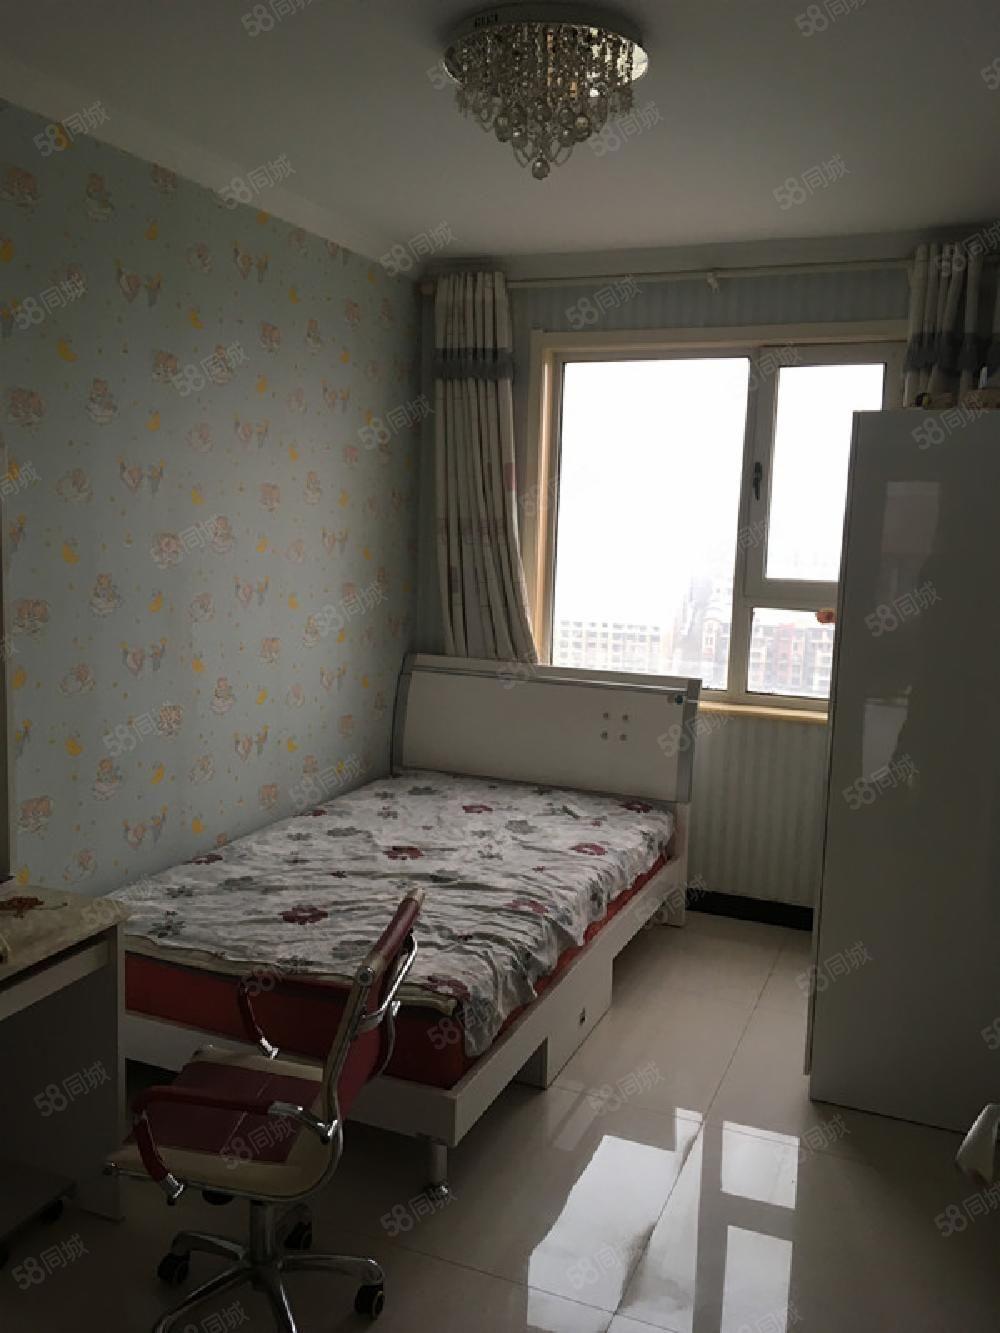 北京周�香河天下一成�γ嫒�室精�b修1300